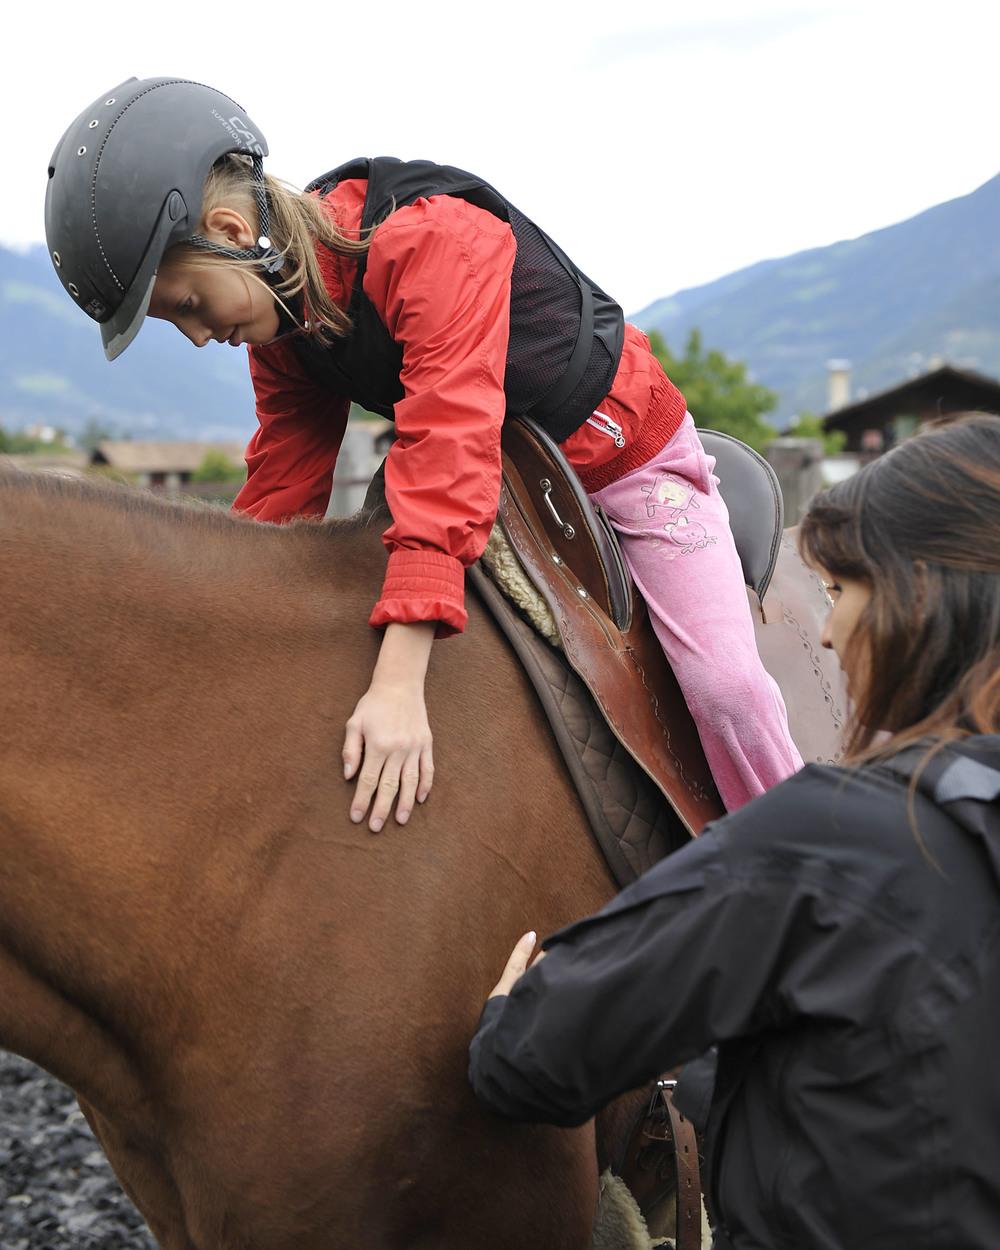 Fotografie: Harald Kienzl / KUADRAT.EU im Auftrag der Lebenshilfe